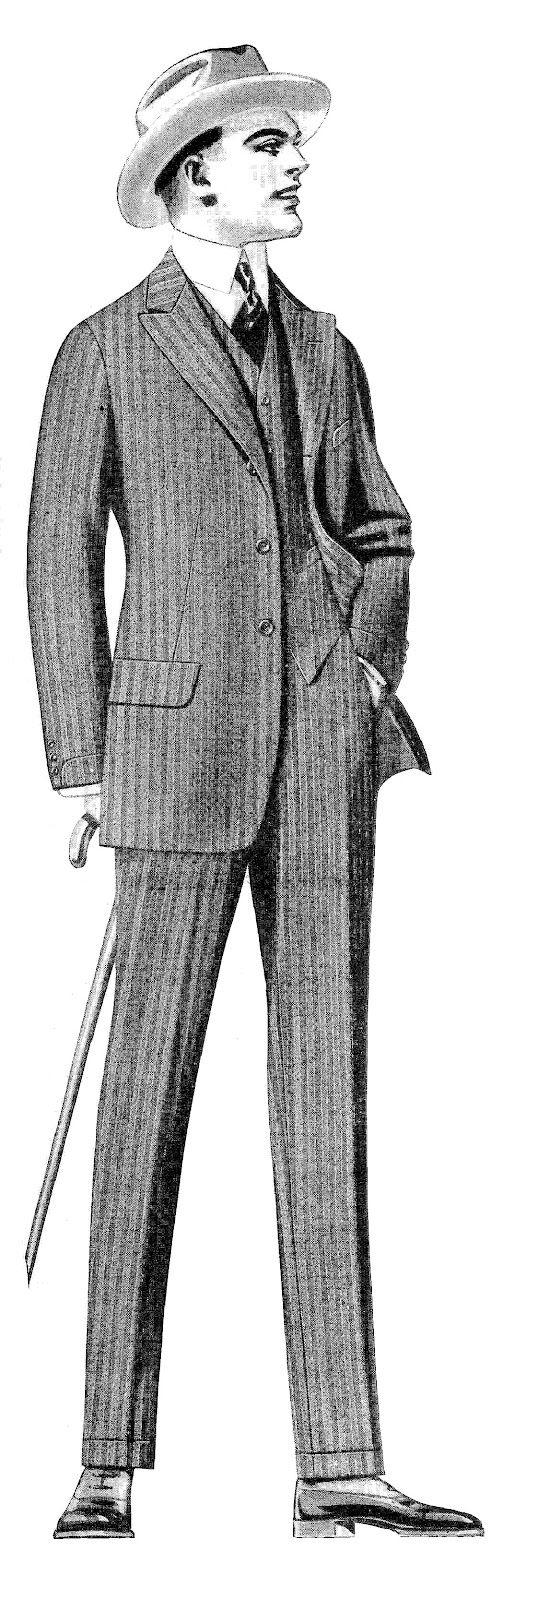 1920s man clipart clip royalty free download Intage Men\'s Fashion Clip Art Vintage Men\'s Suits from 1915 Clothes ... clip royalty free download